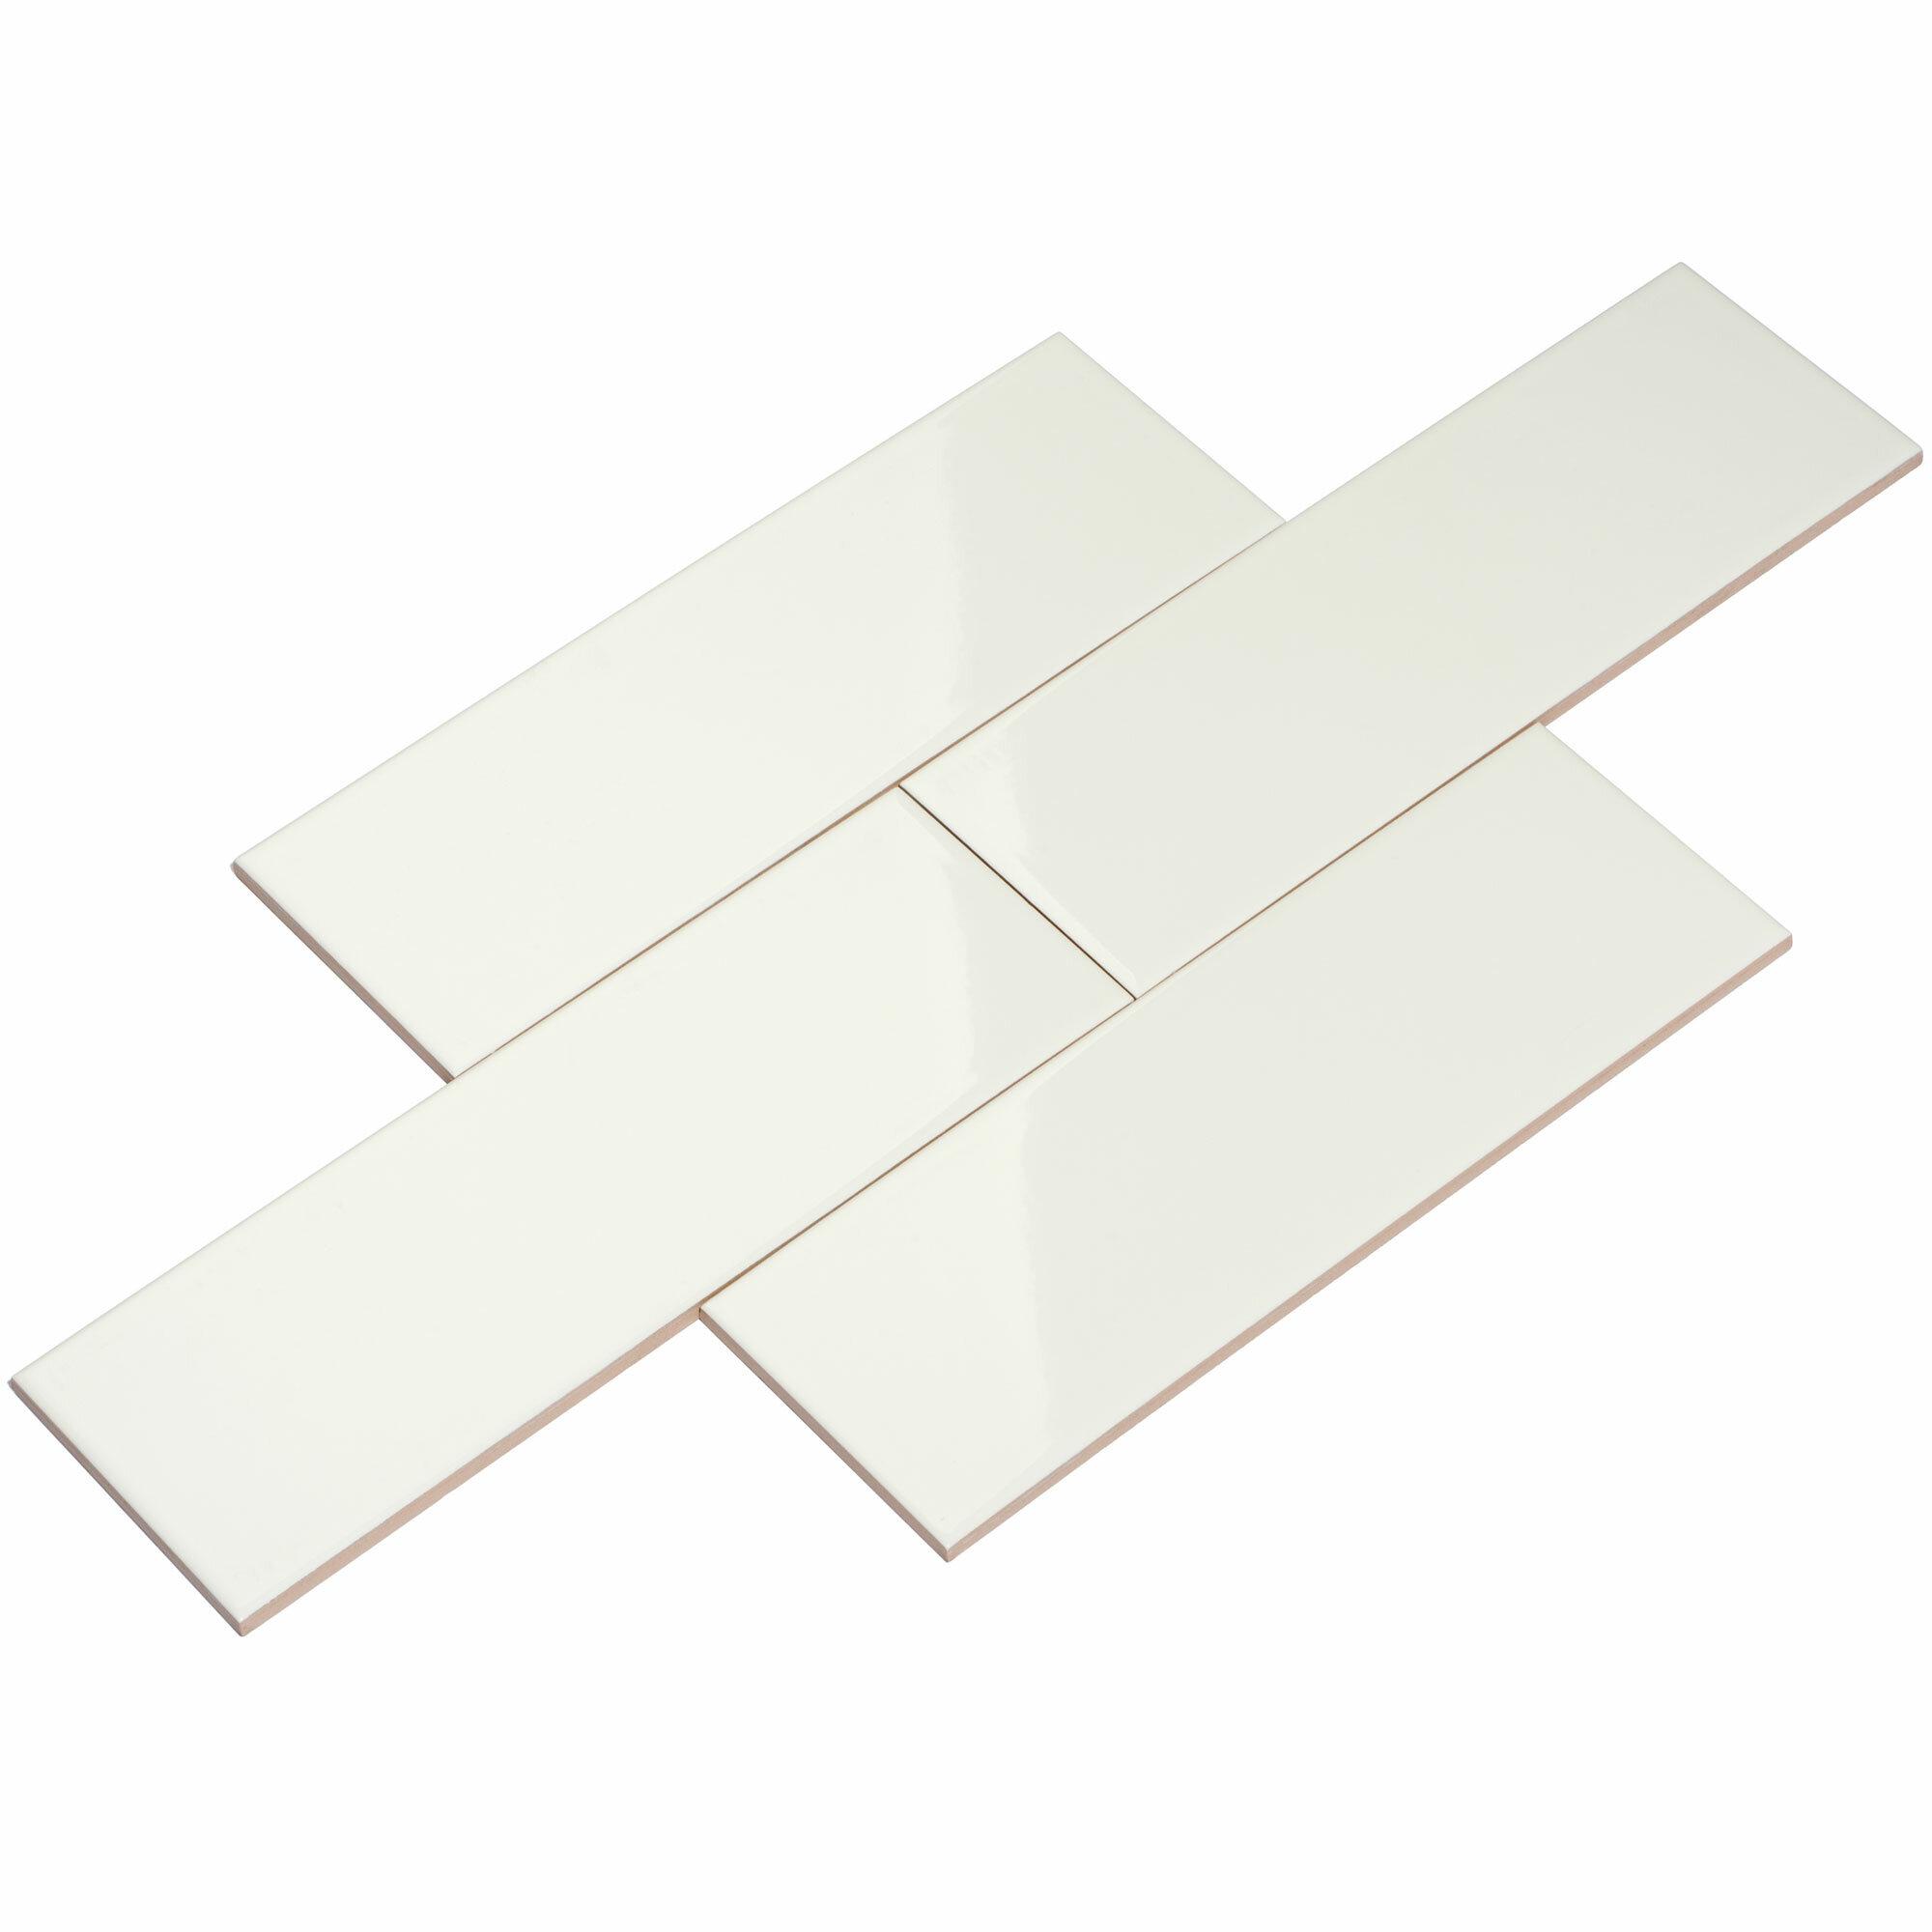 Giorbello X Ceramic Subway Tile In White Reviews Wayfair - Best price on white subway tile